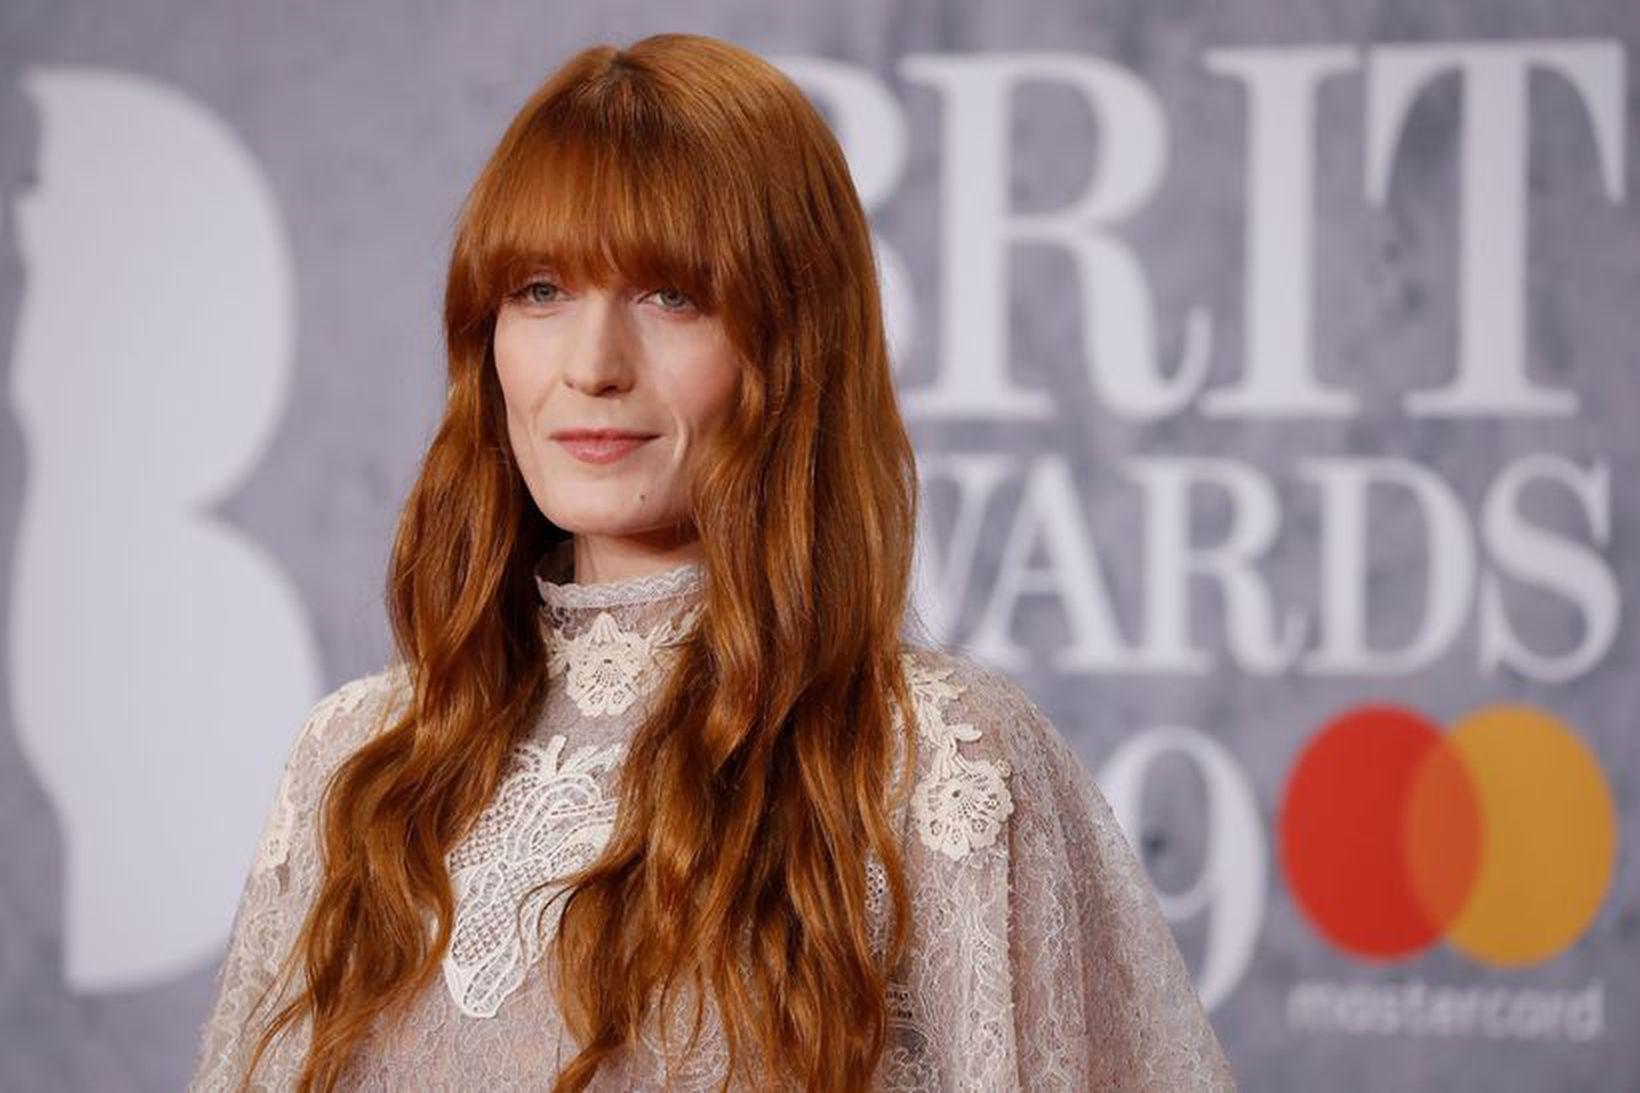 Florence Welch glímdi við fíknisjúkdóm og átröskun.